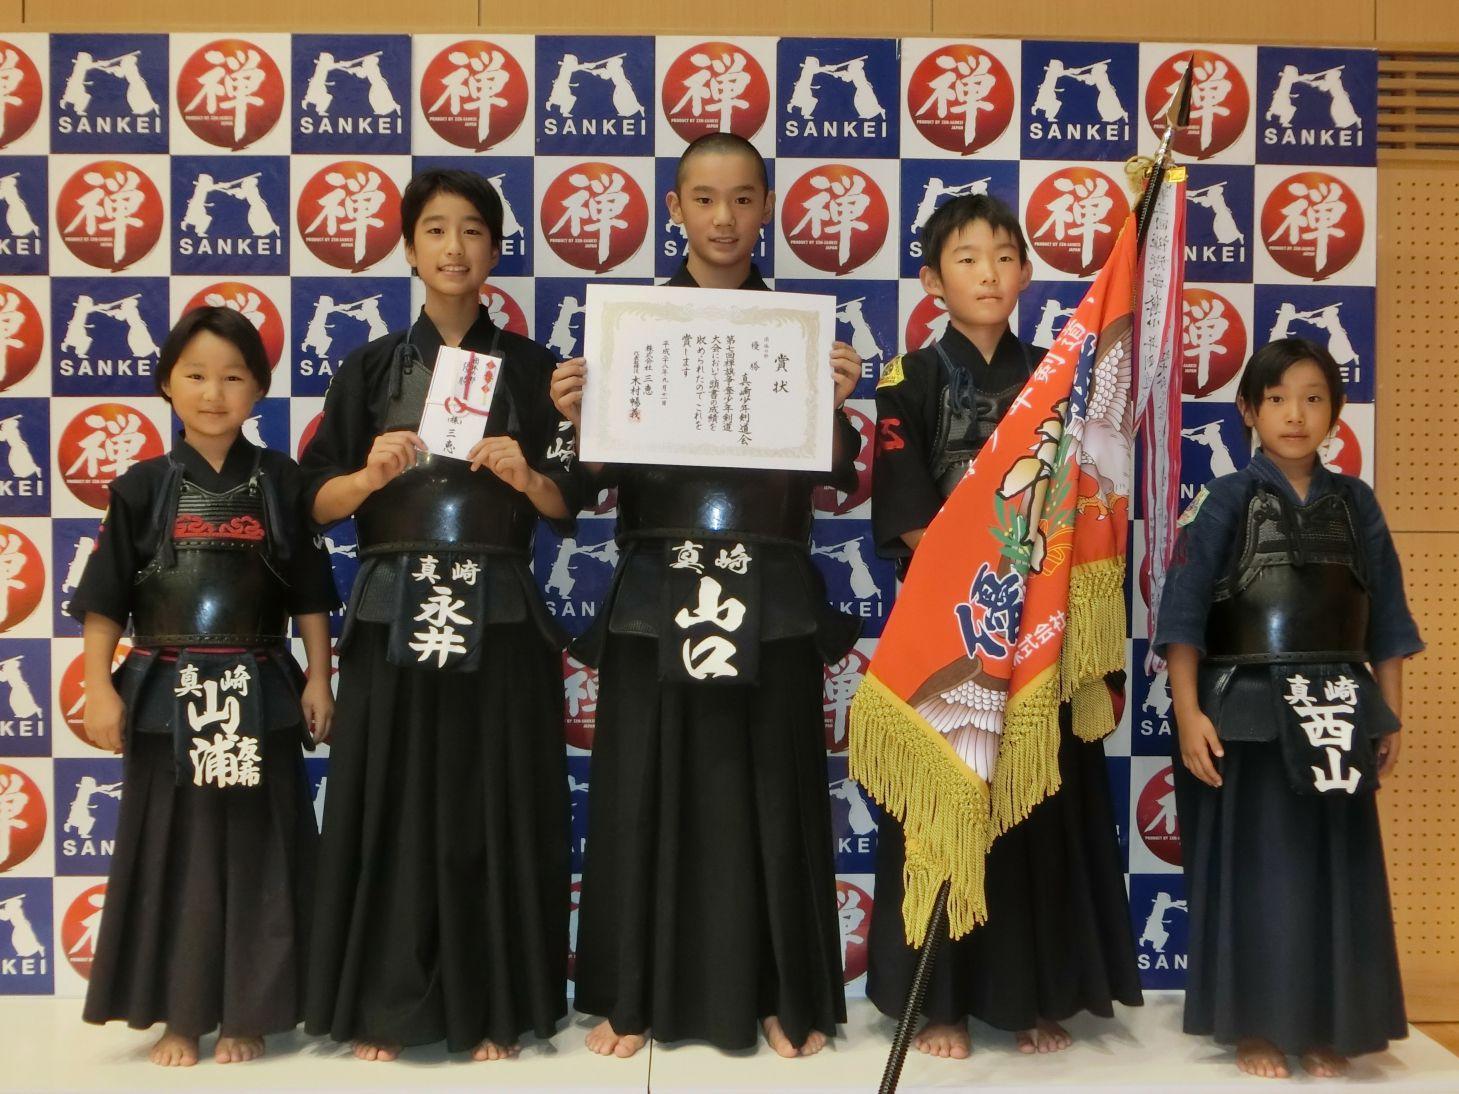 団体戦優勝:真崎少年剣道会